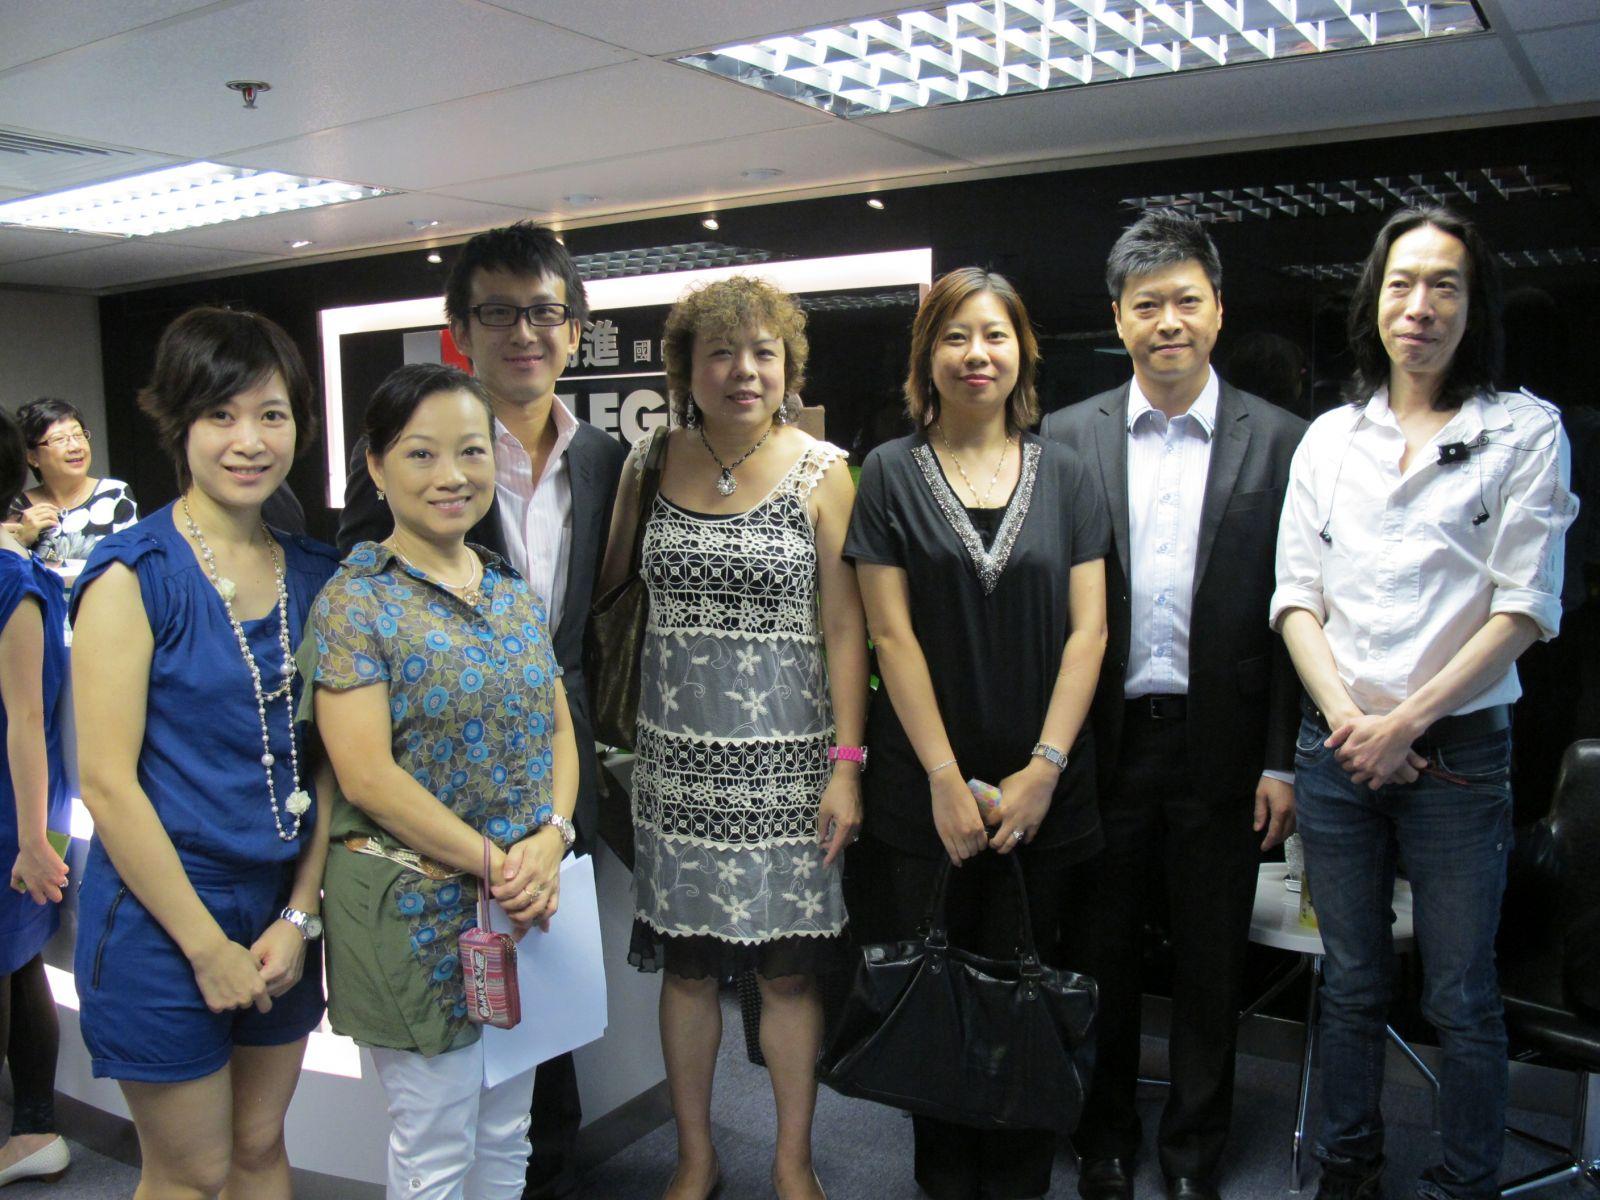 嘉賓親臨勵進國際培訓學院,左二為香港化妝品同業協會副監事長莫秀媚小姐,右一為本學院之校監林日陞博士